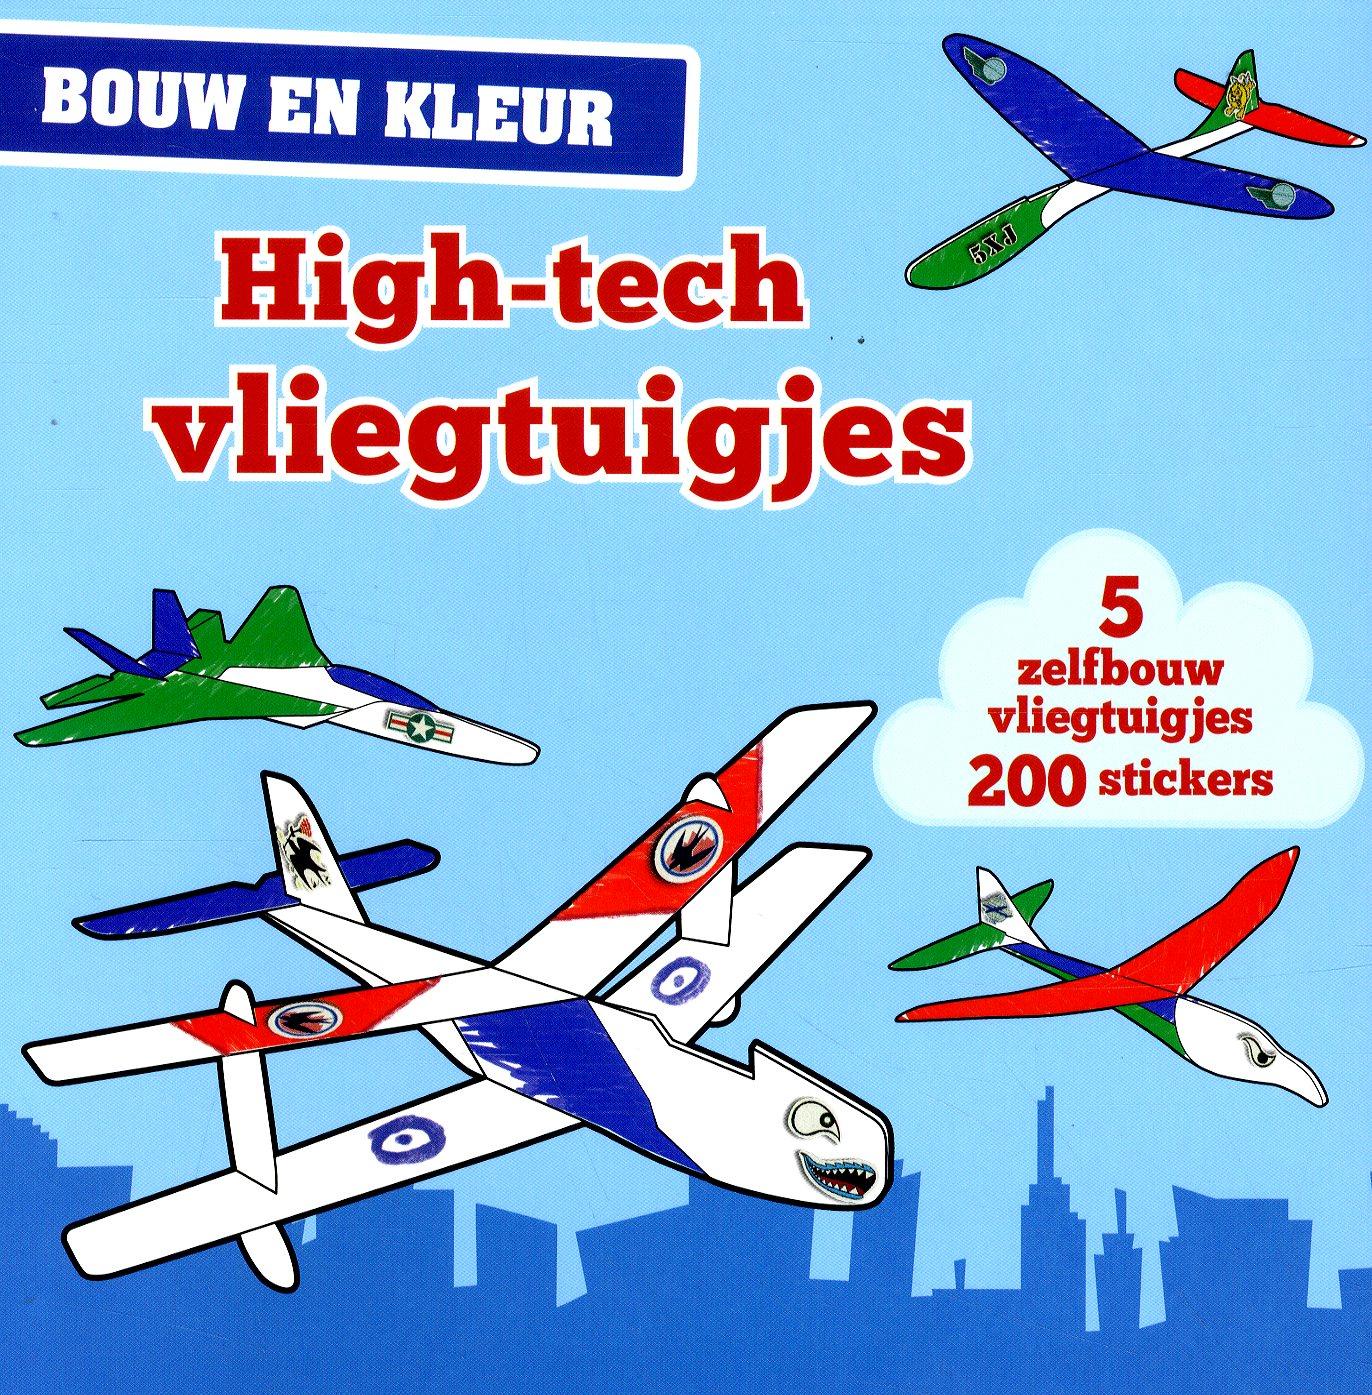 Bouw en kleur High-tech vliegt.